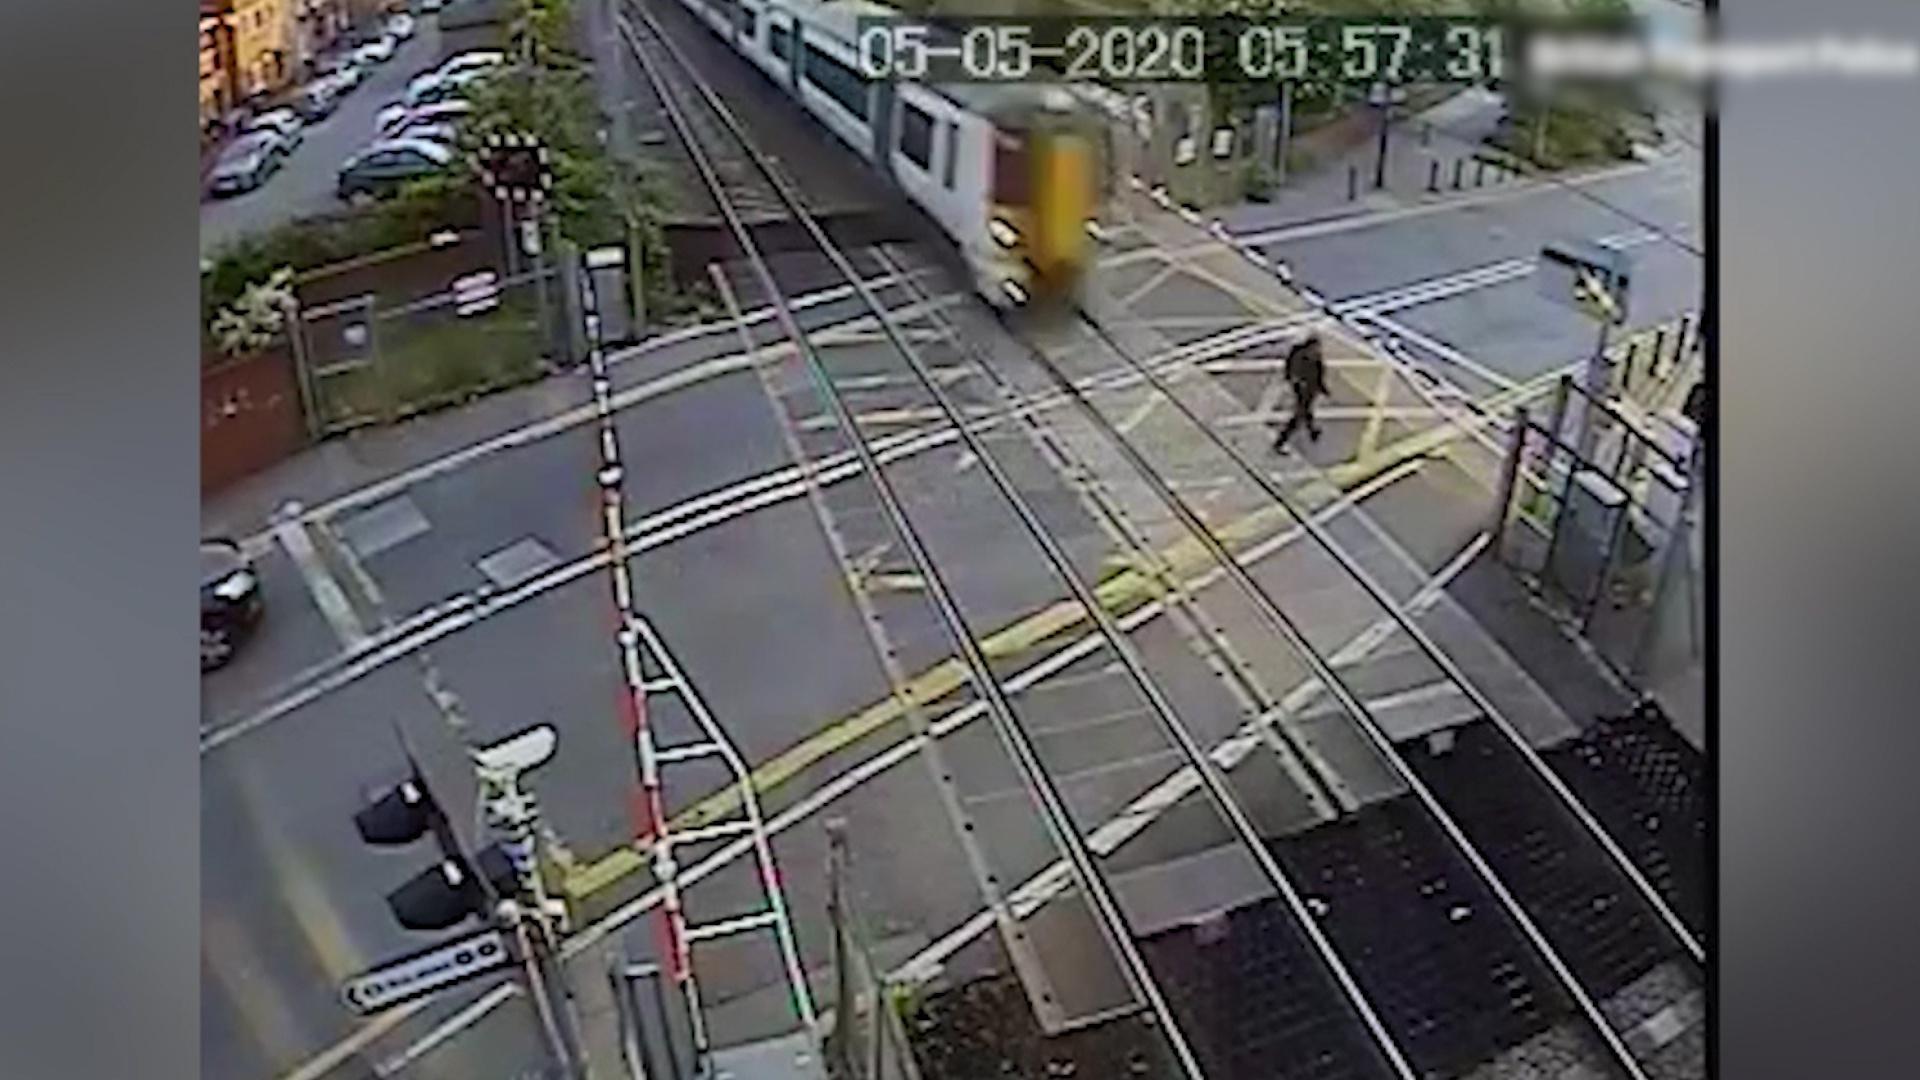 男子非法穿越铁轨封锁区,走上铁轨时一辆火车突然迎面驶来